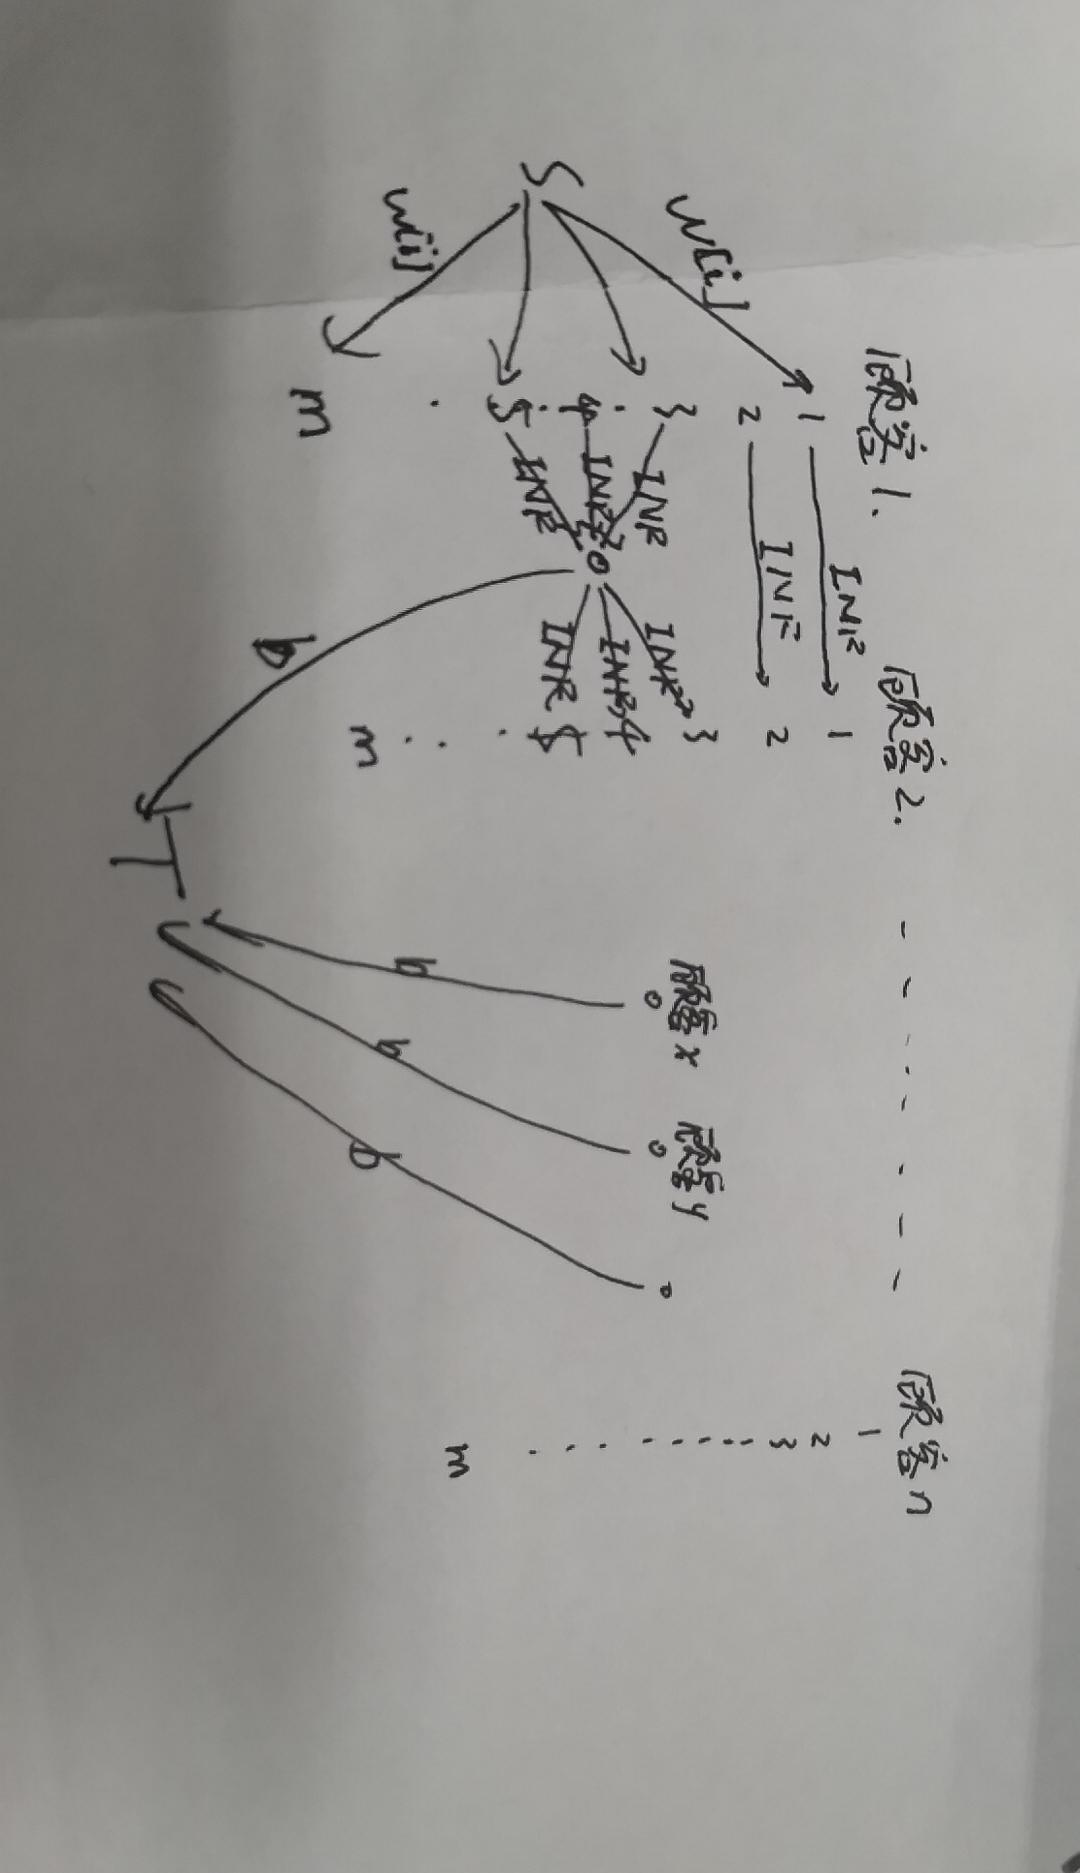 分层图.jpg